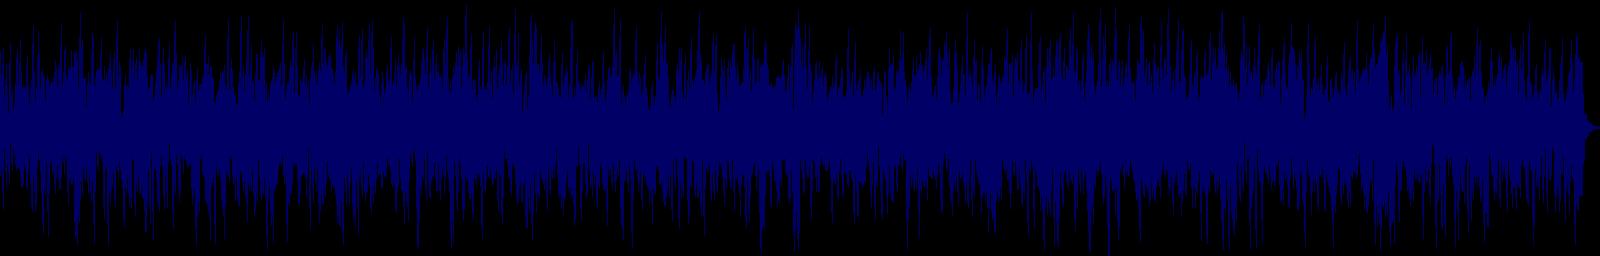 waveform of track #159205